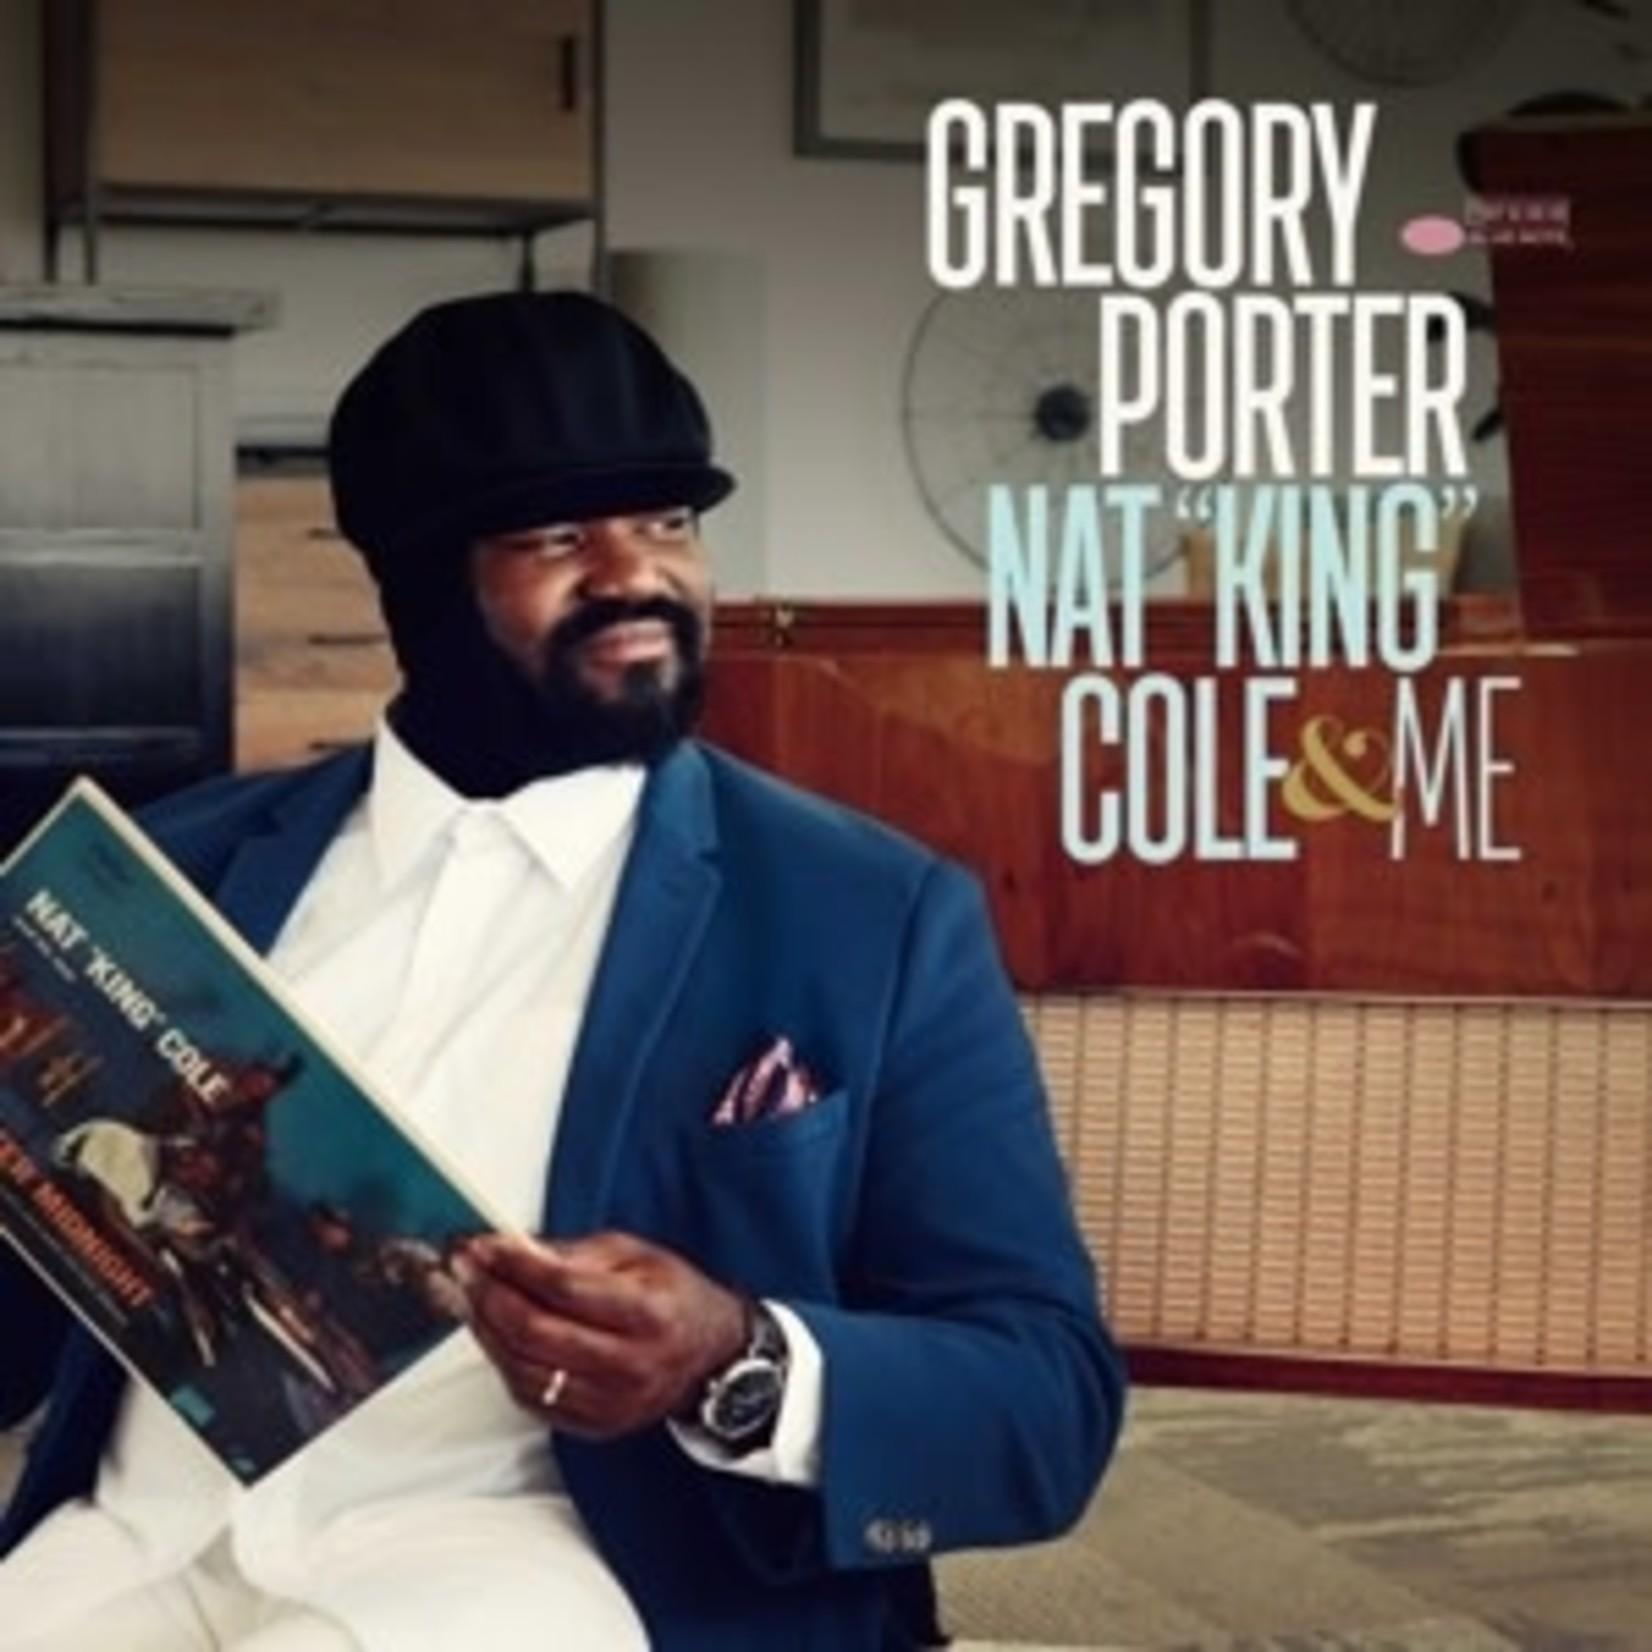 PORTER_ GREGORY - NAT KING COLE & ME   (VINYL)